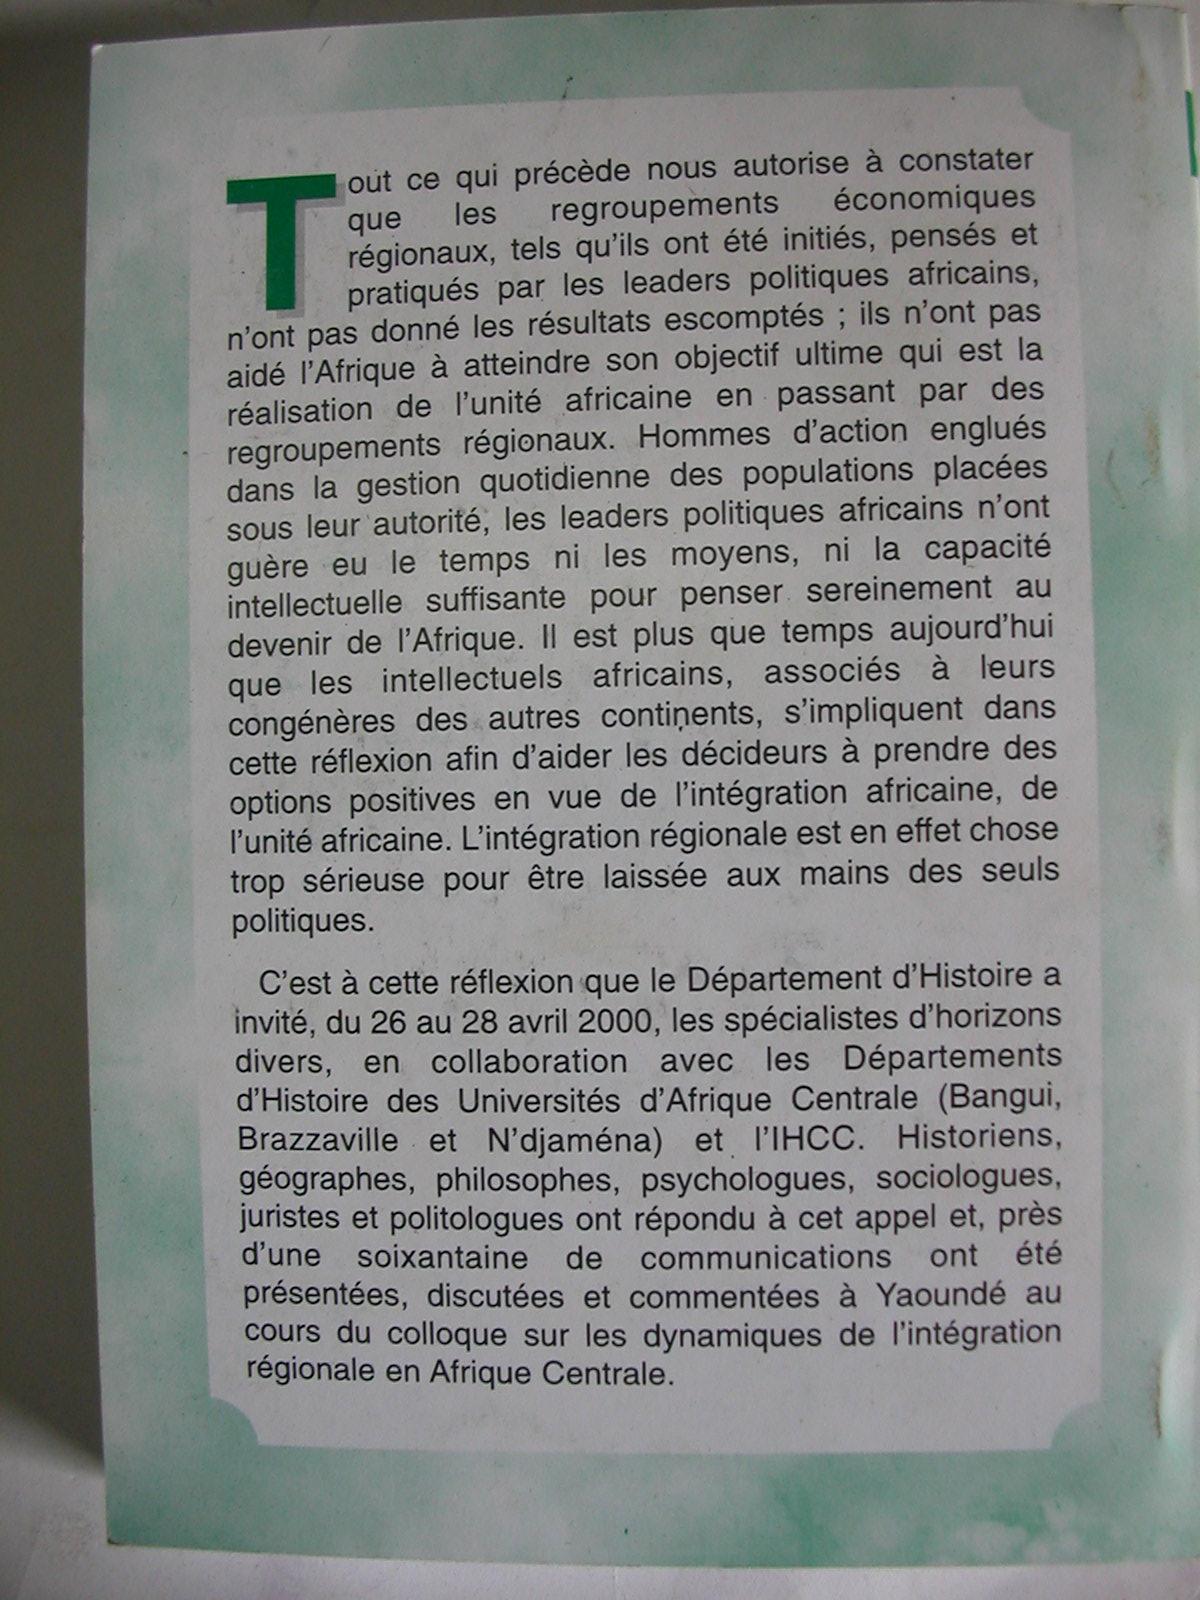 Dynamiques d'intégration régionale en Afrique centrale (2001)2